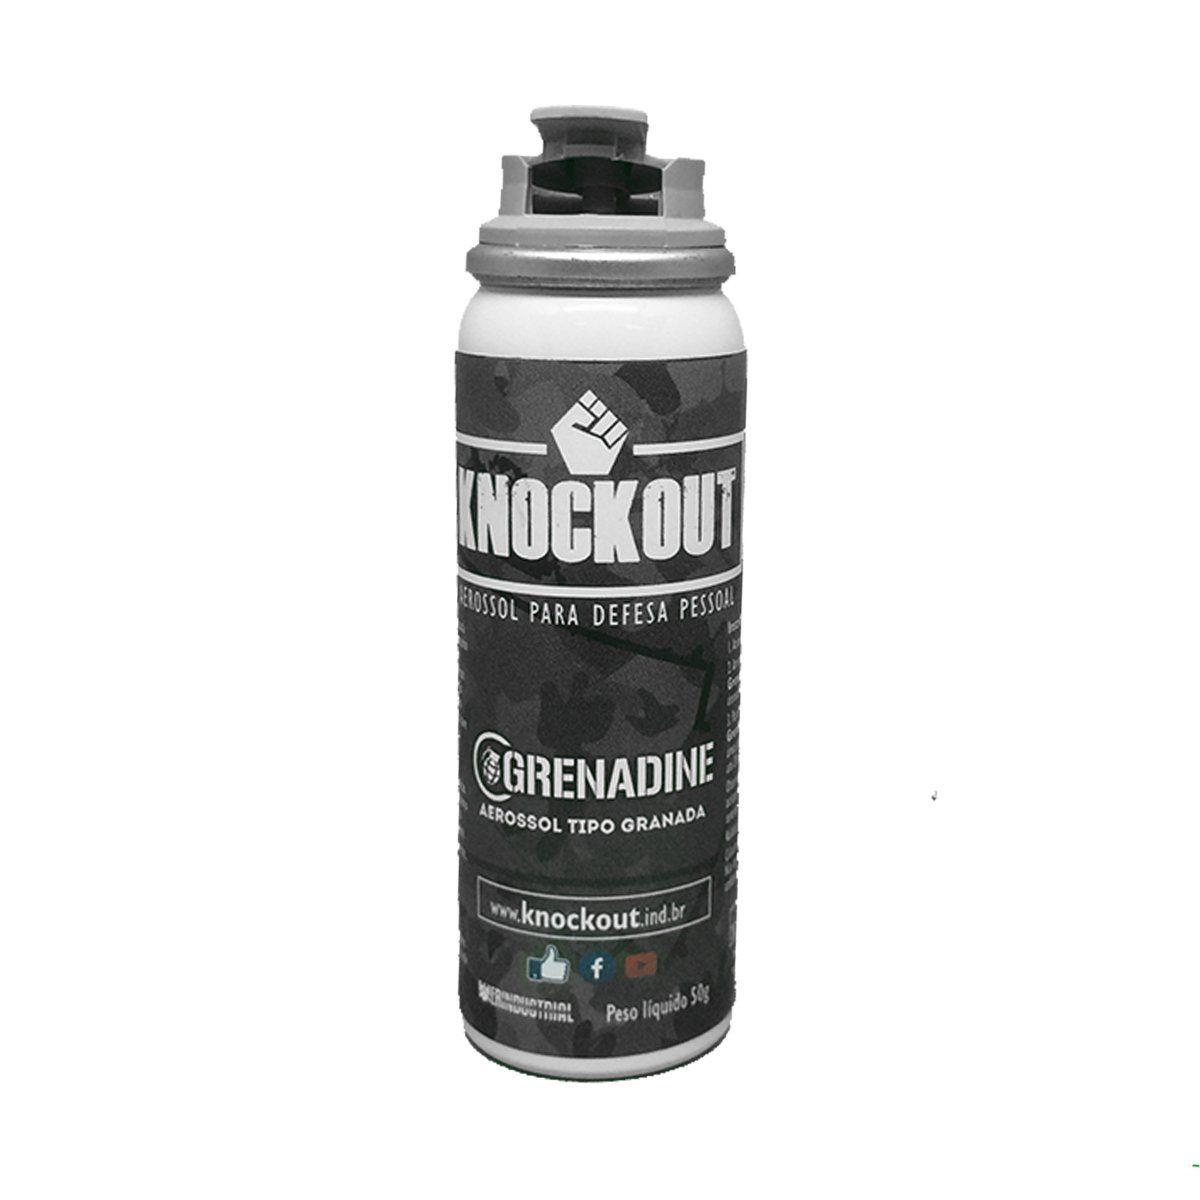 Spray de Defesa Pessoal Knockout Grenadine 50g